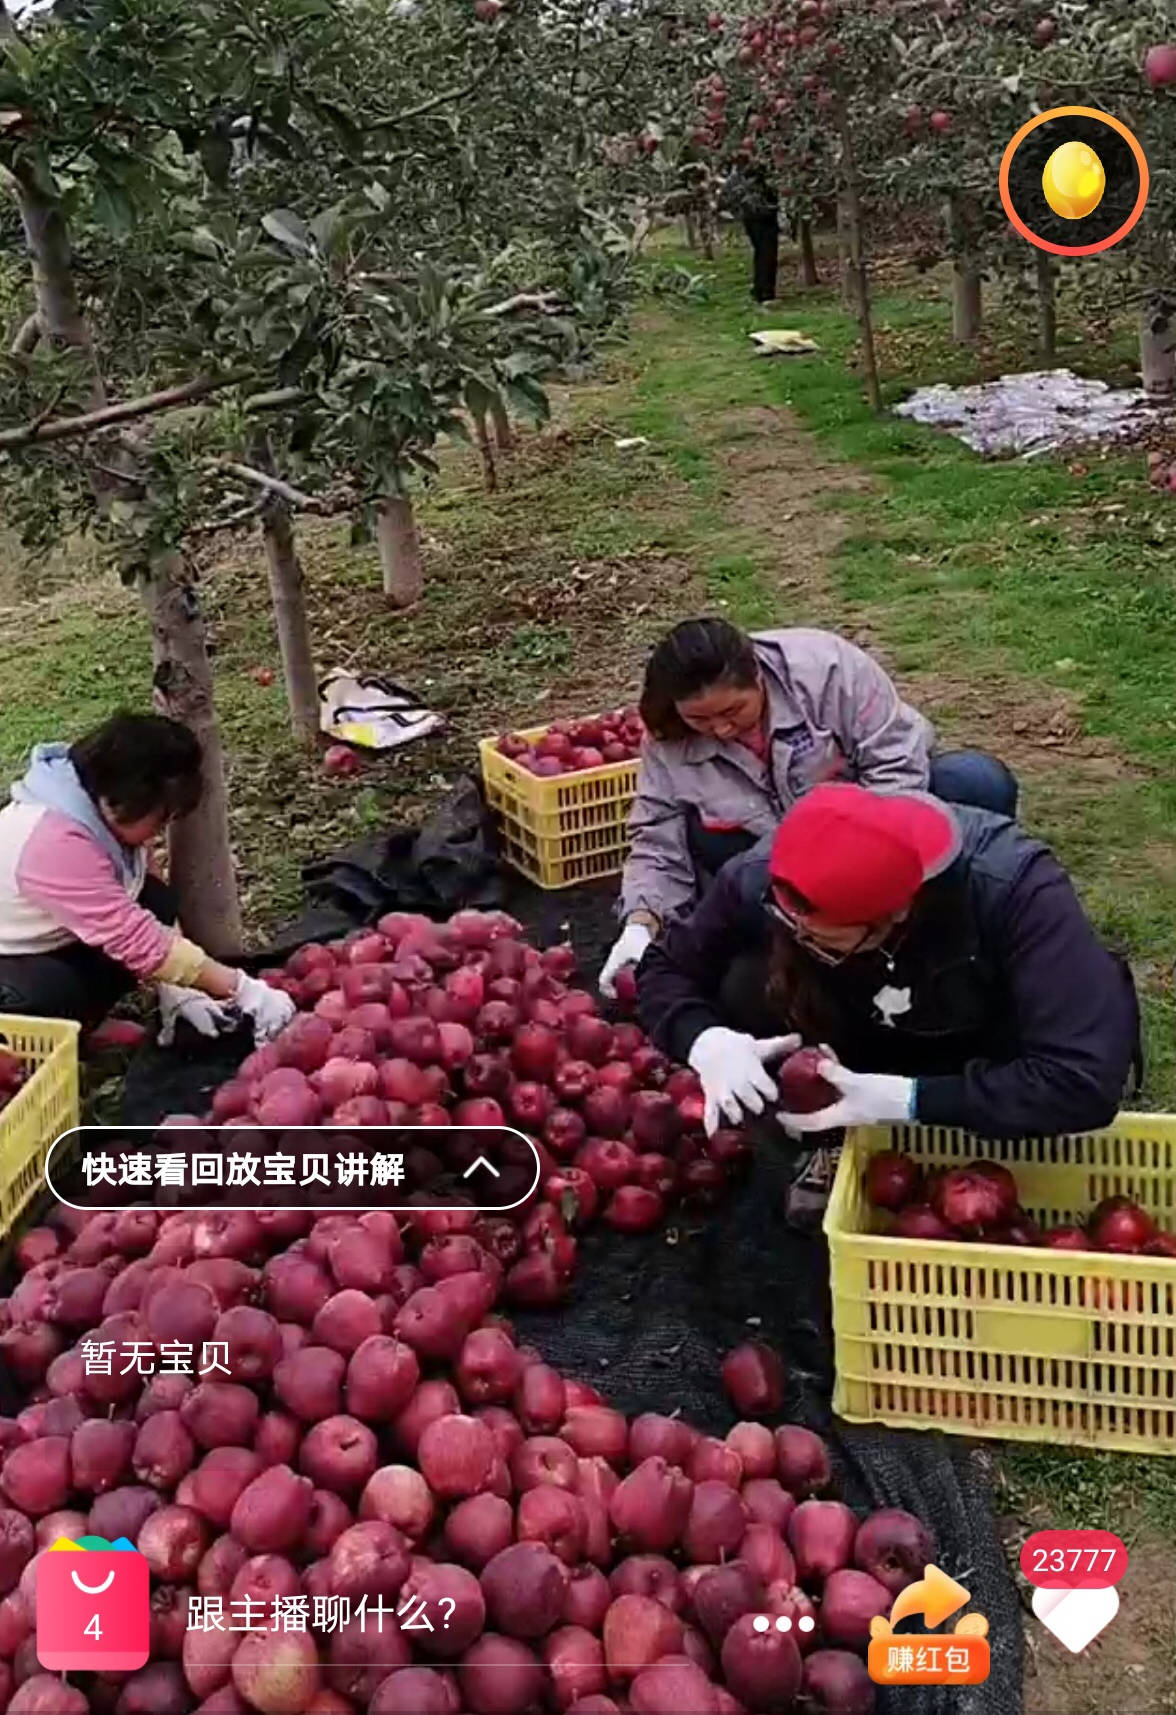 """国庆节也是""""丰收节"""",甘肃59岁大爷淘宝直播7天卖掉5000斤苹果"""